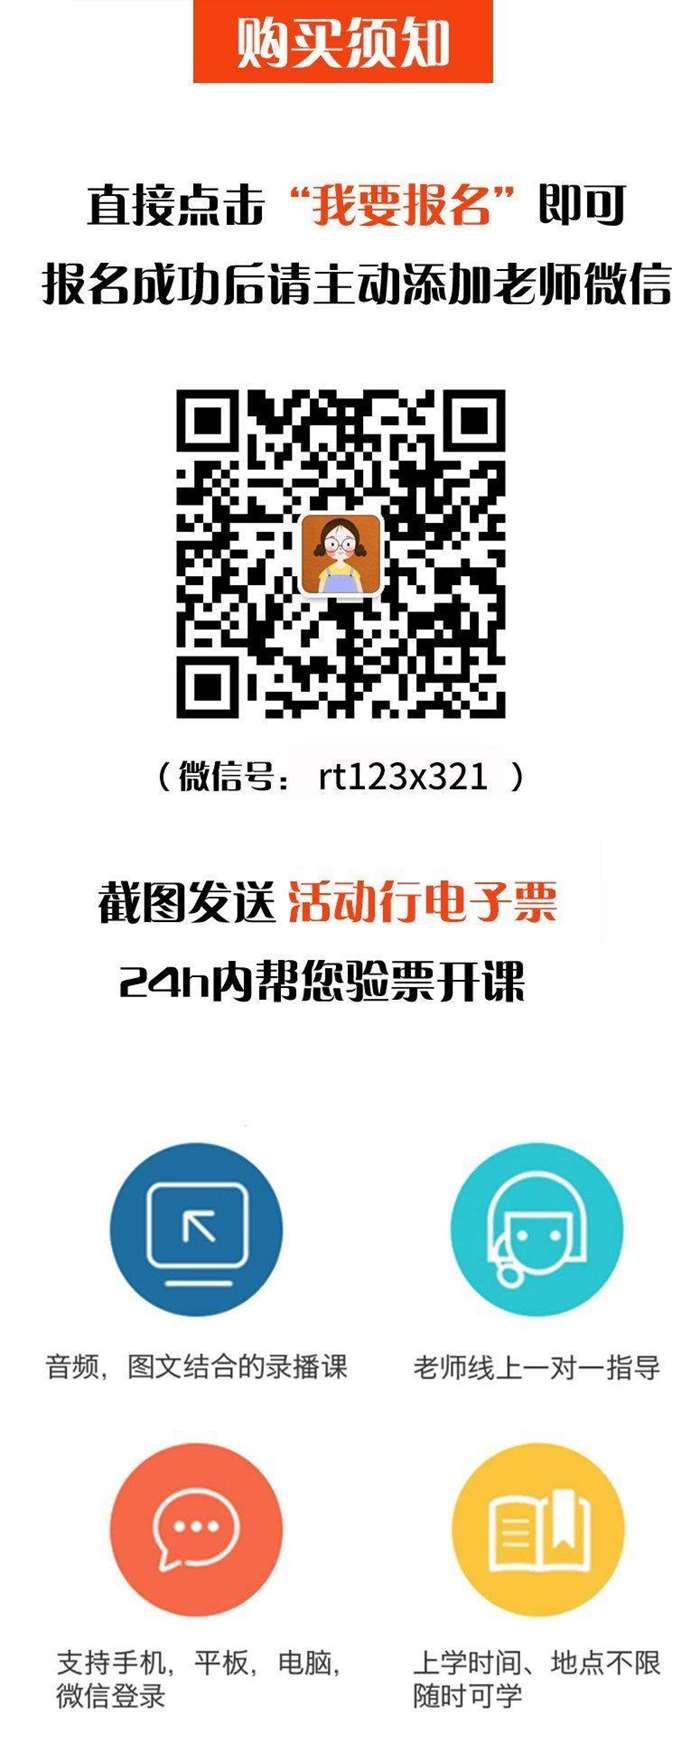 2ed8fae45734e32ab8087783347e29b.jpg